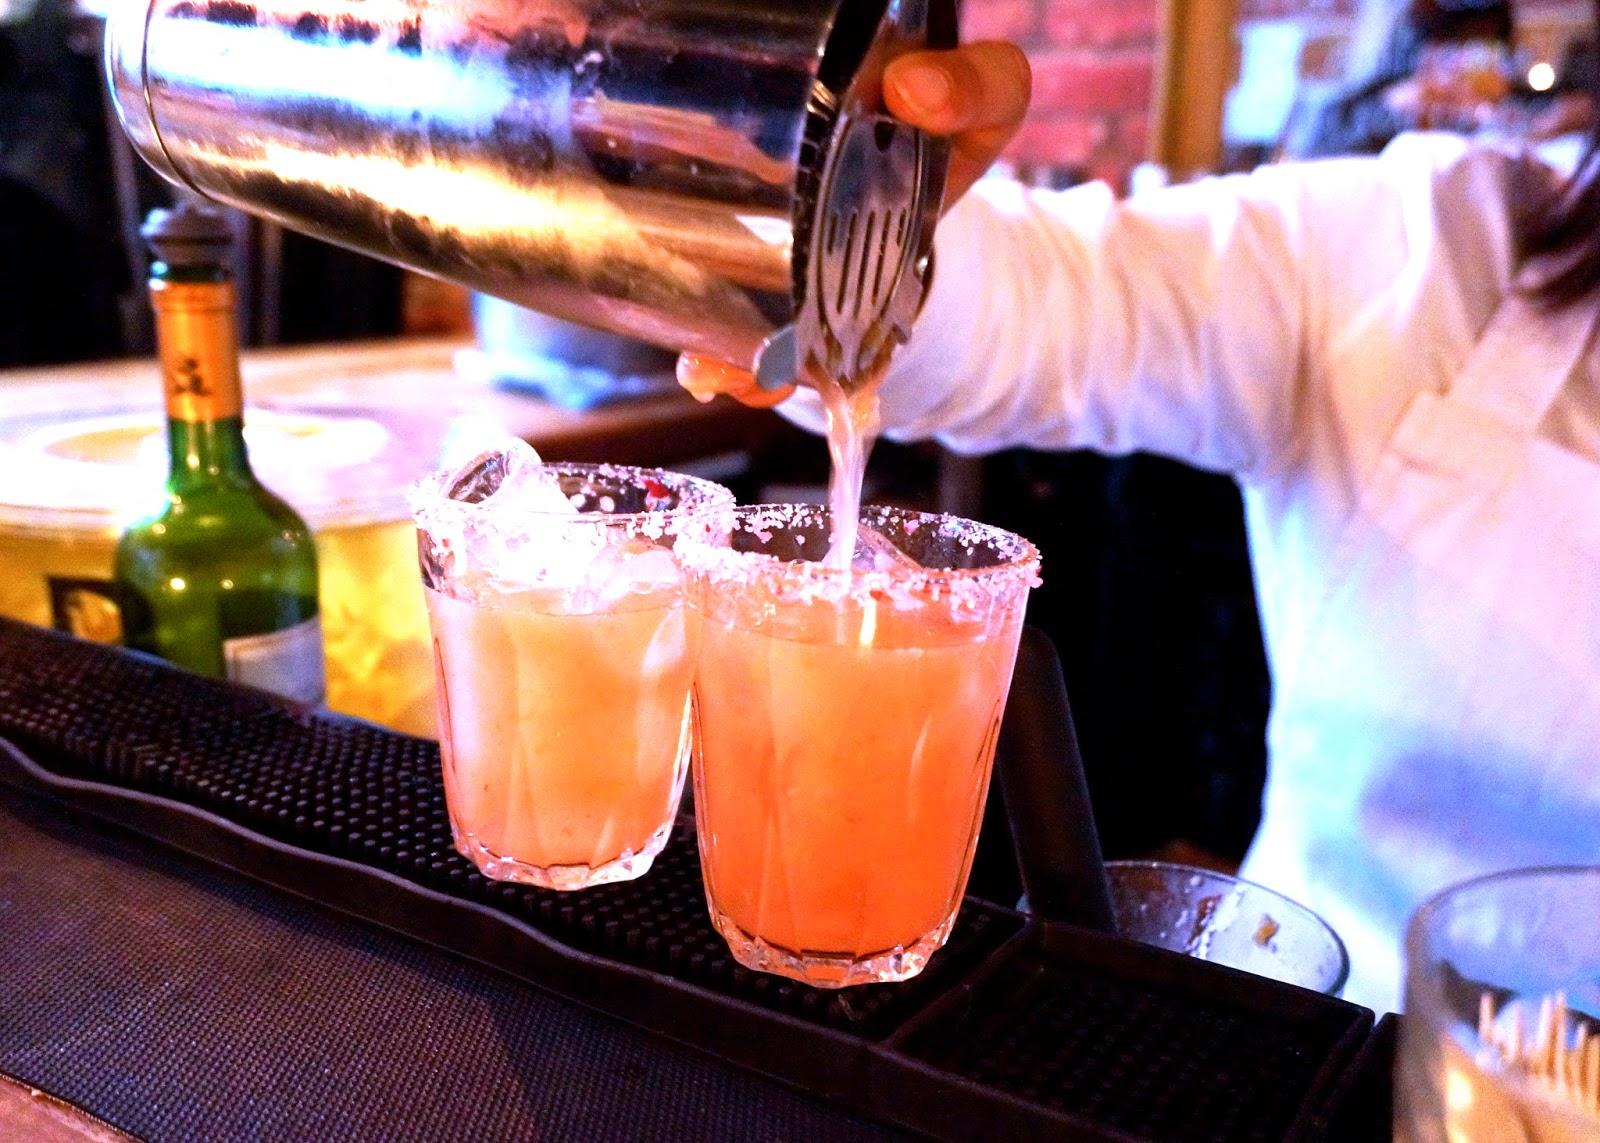 Margaritas at Bob's & Co